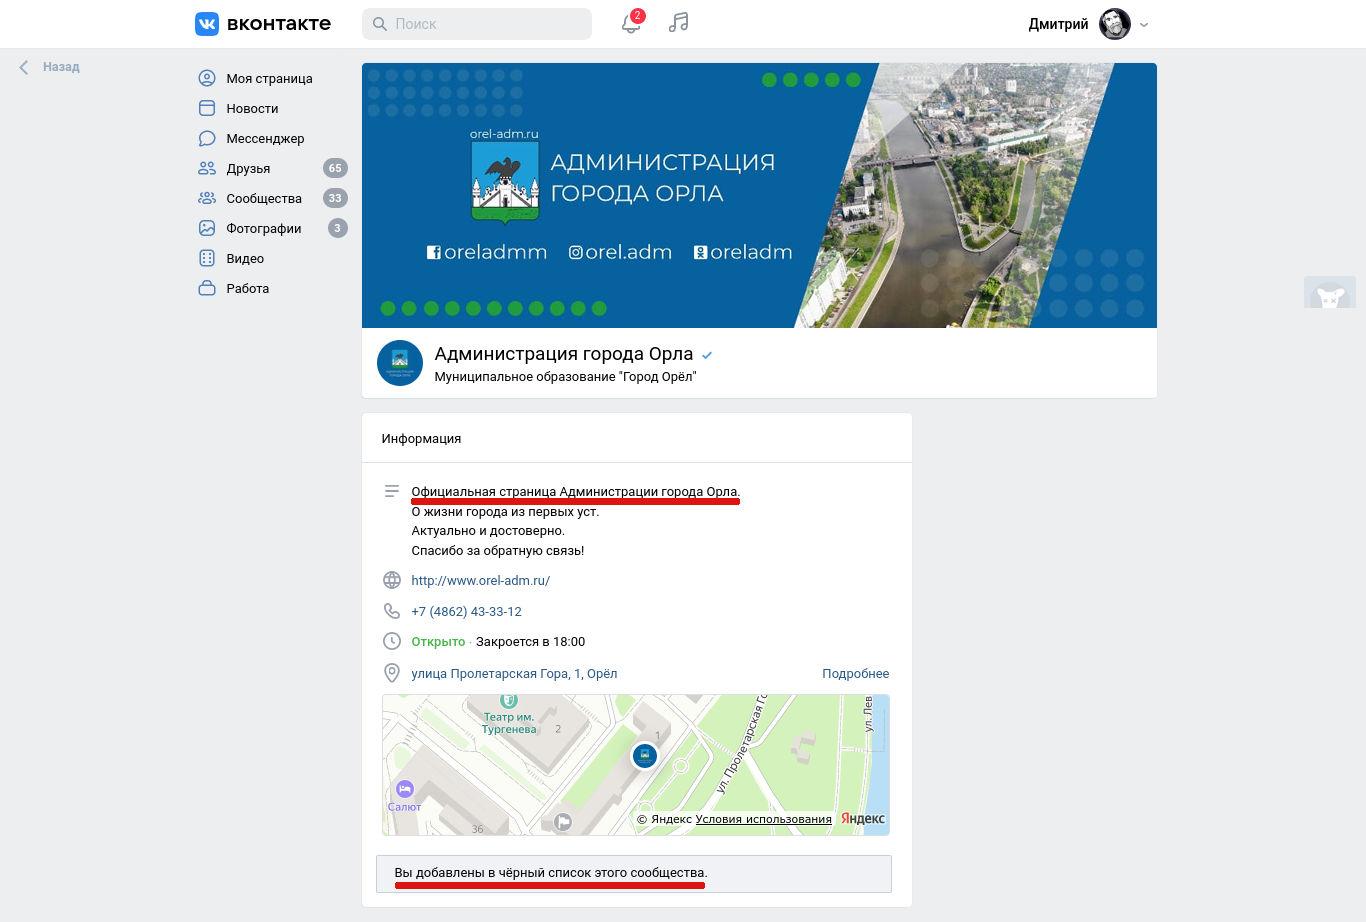 Администрация города Орла - vk.com